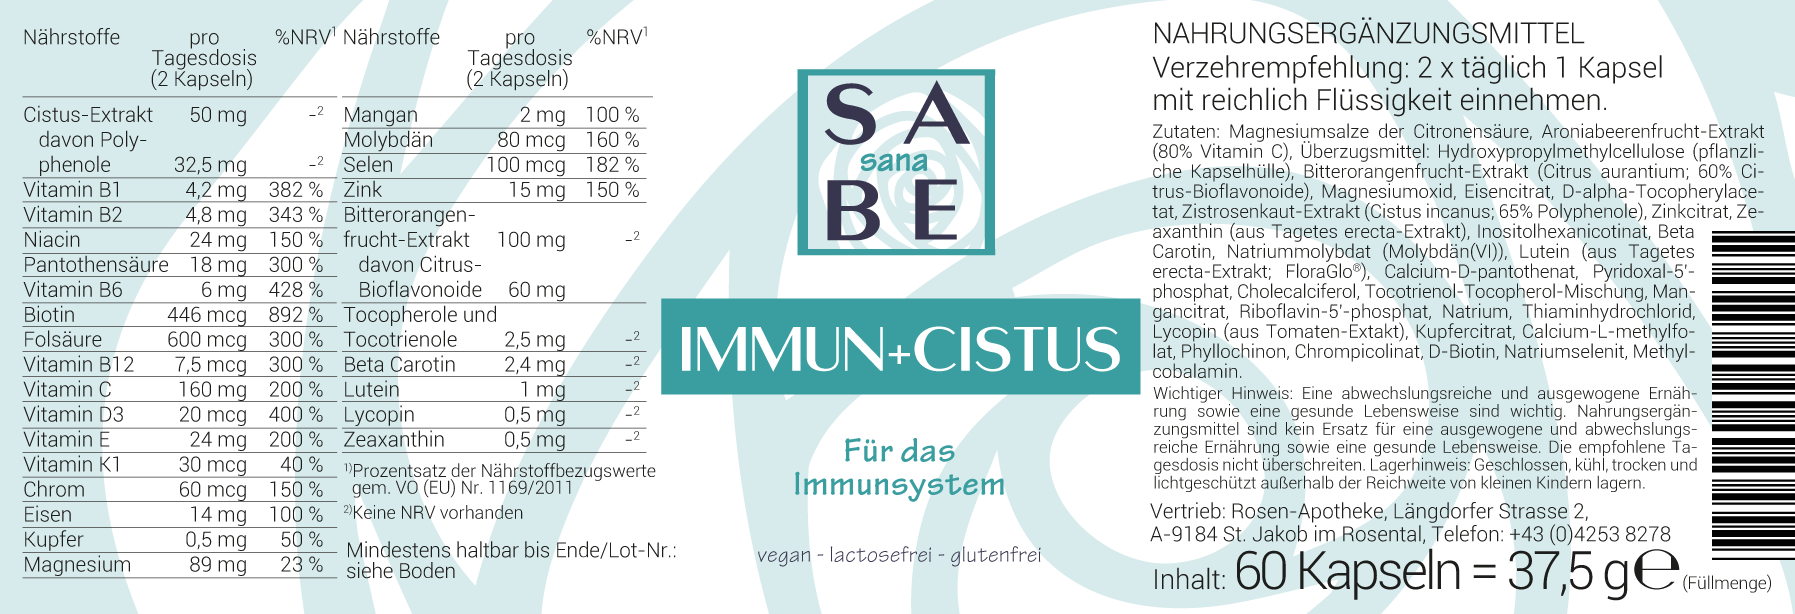 SABE sana Immun + Cistus Kapseln